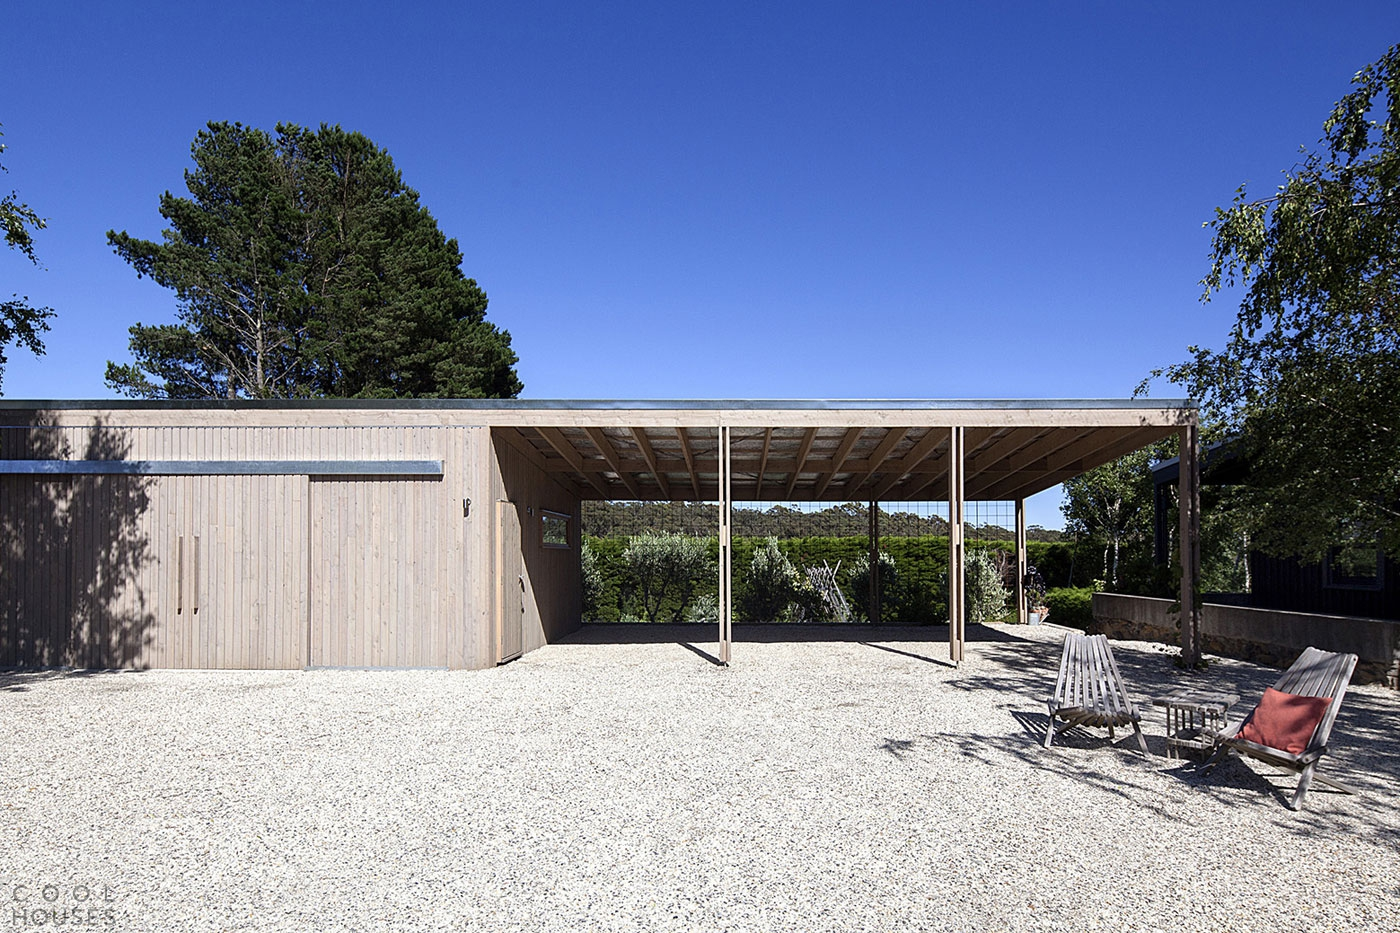 Современный сельский Дом с цоколем в Австралии